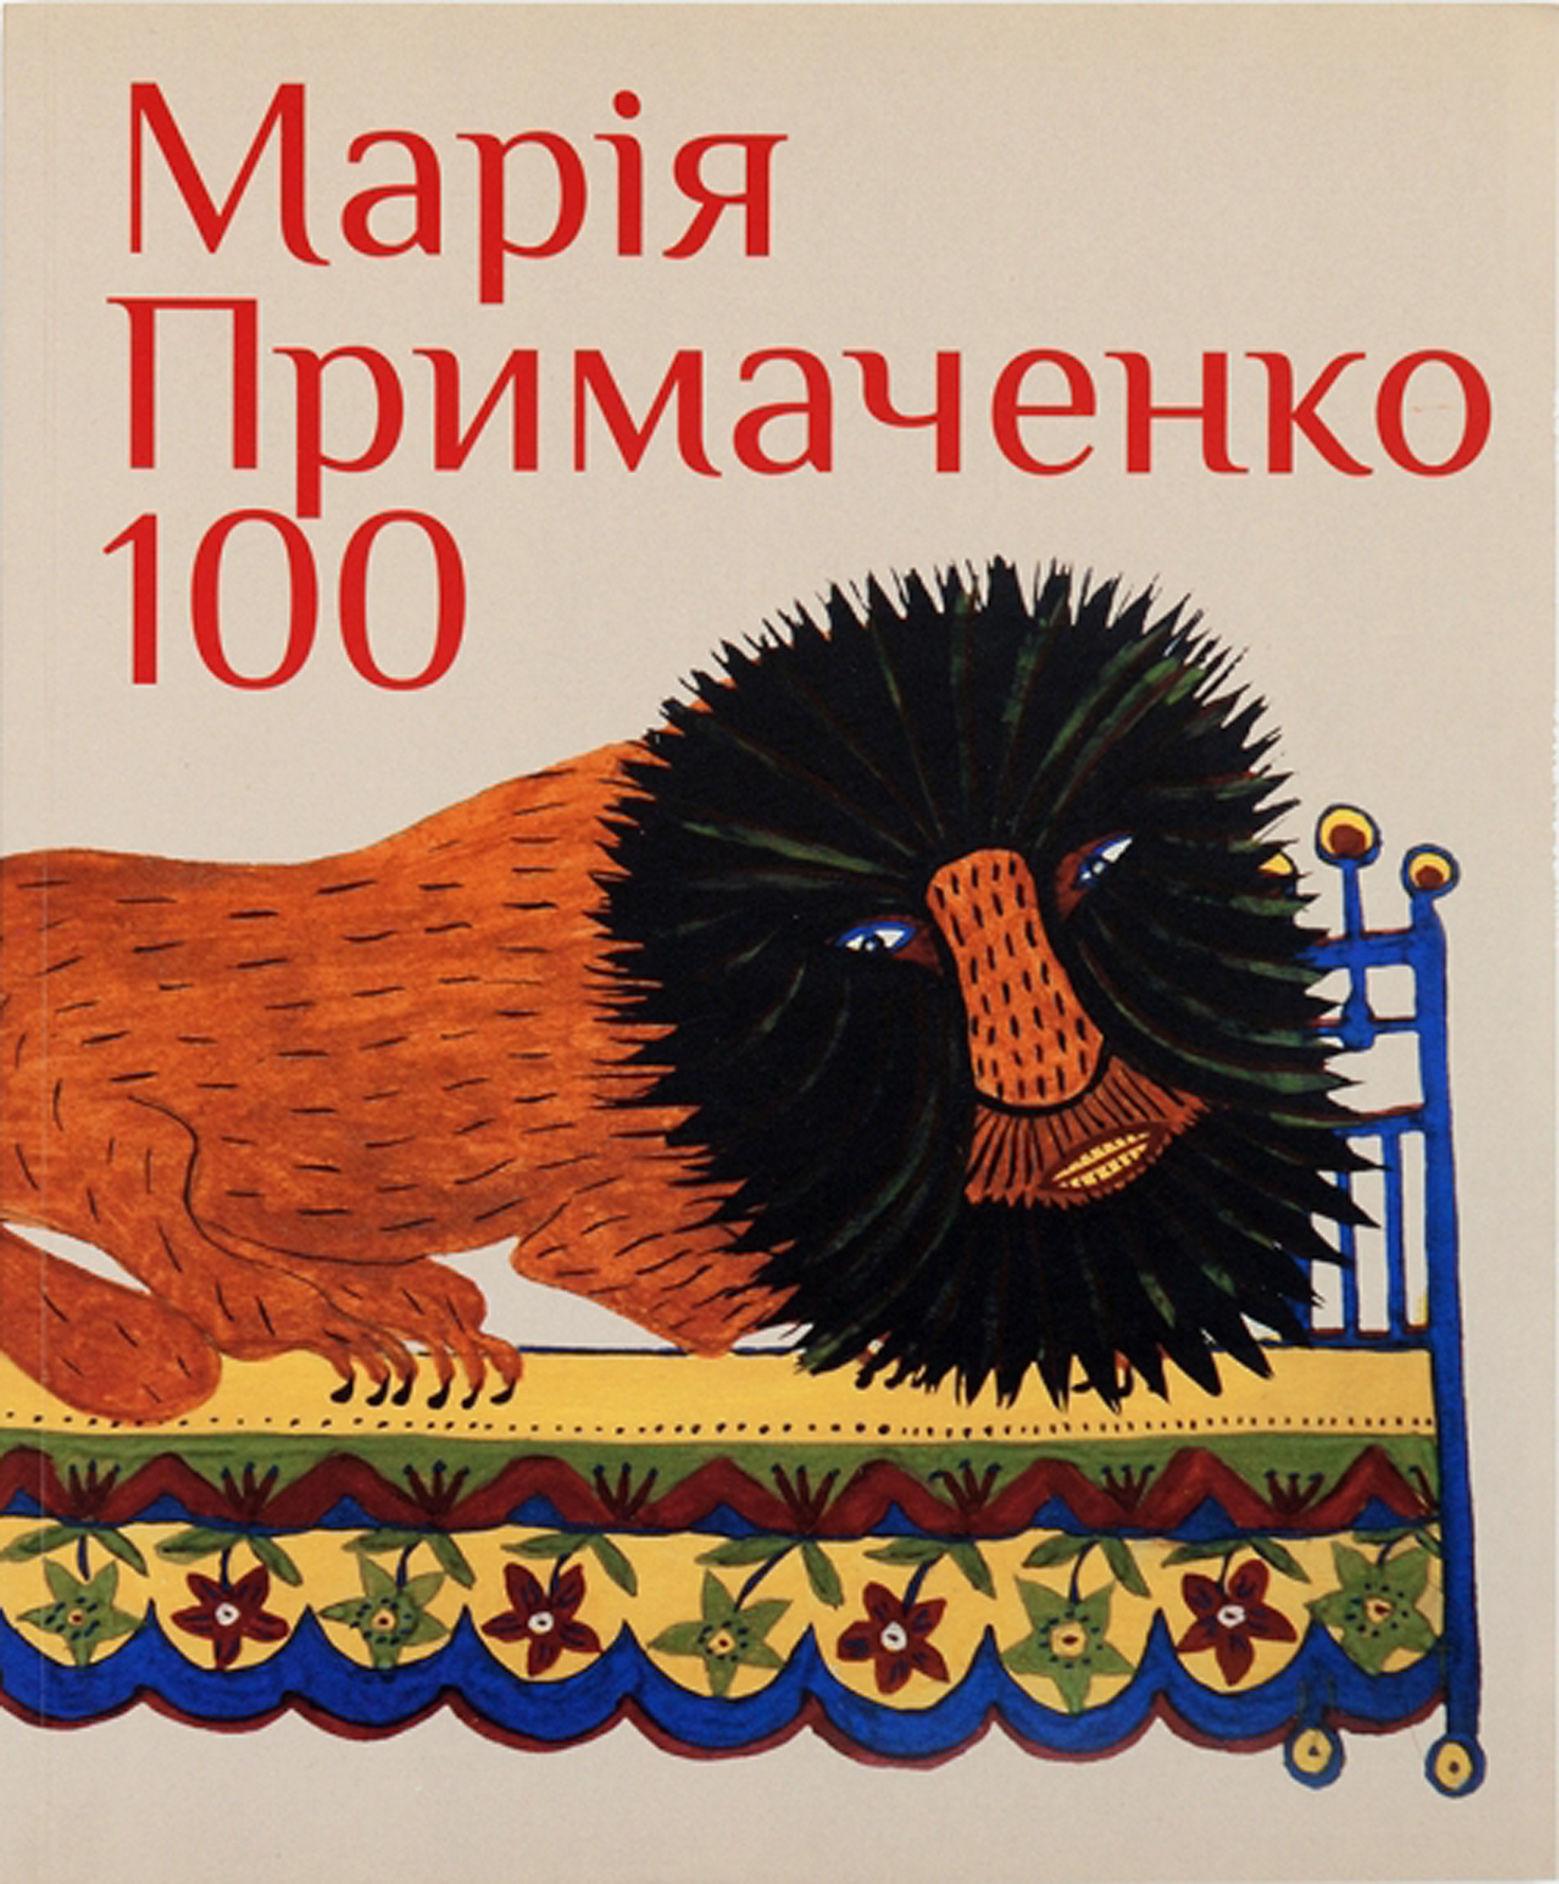 Марія Примаченко 100